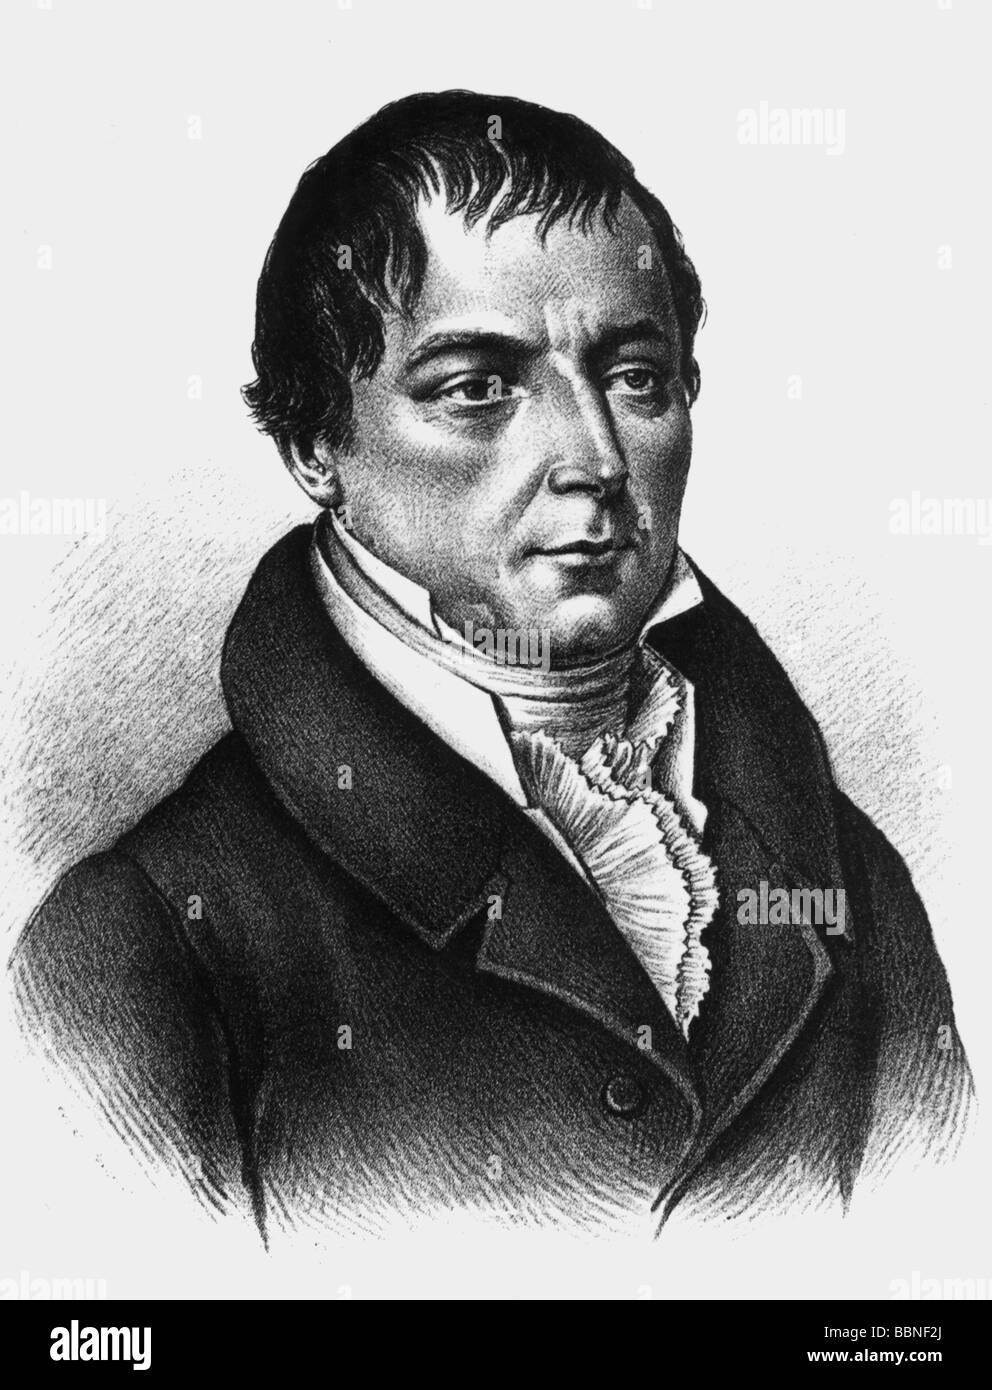 Buch, Christian Leopold Von, 26. 4.1774 - 4.3.1853, científico alemán (geólogo), retrato, grabado contemporáneo, , Foto de stock